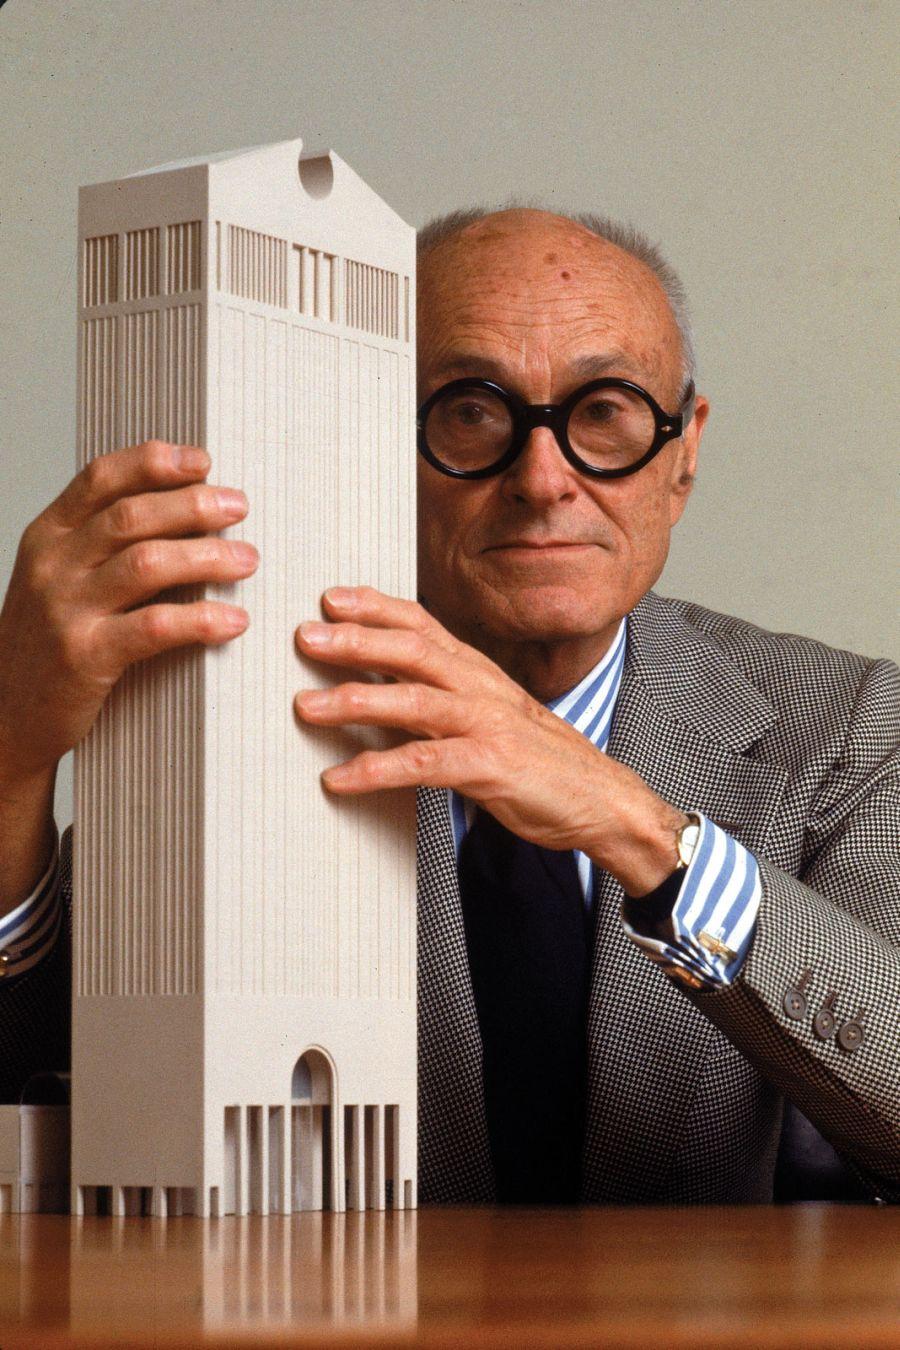 Arquitectos mundialmente famosos comparten con nosotros - Arquitectos de interiores famosos ...